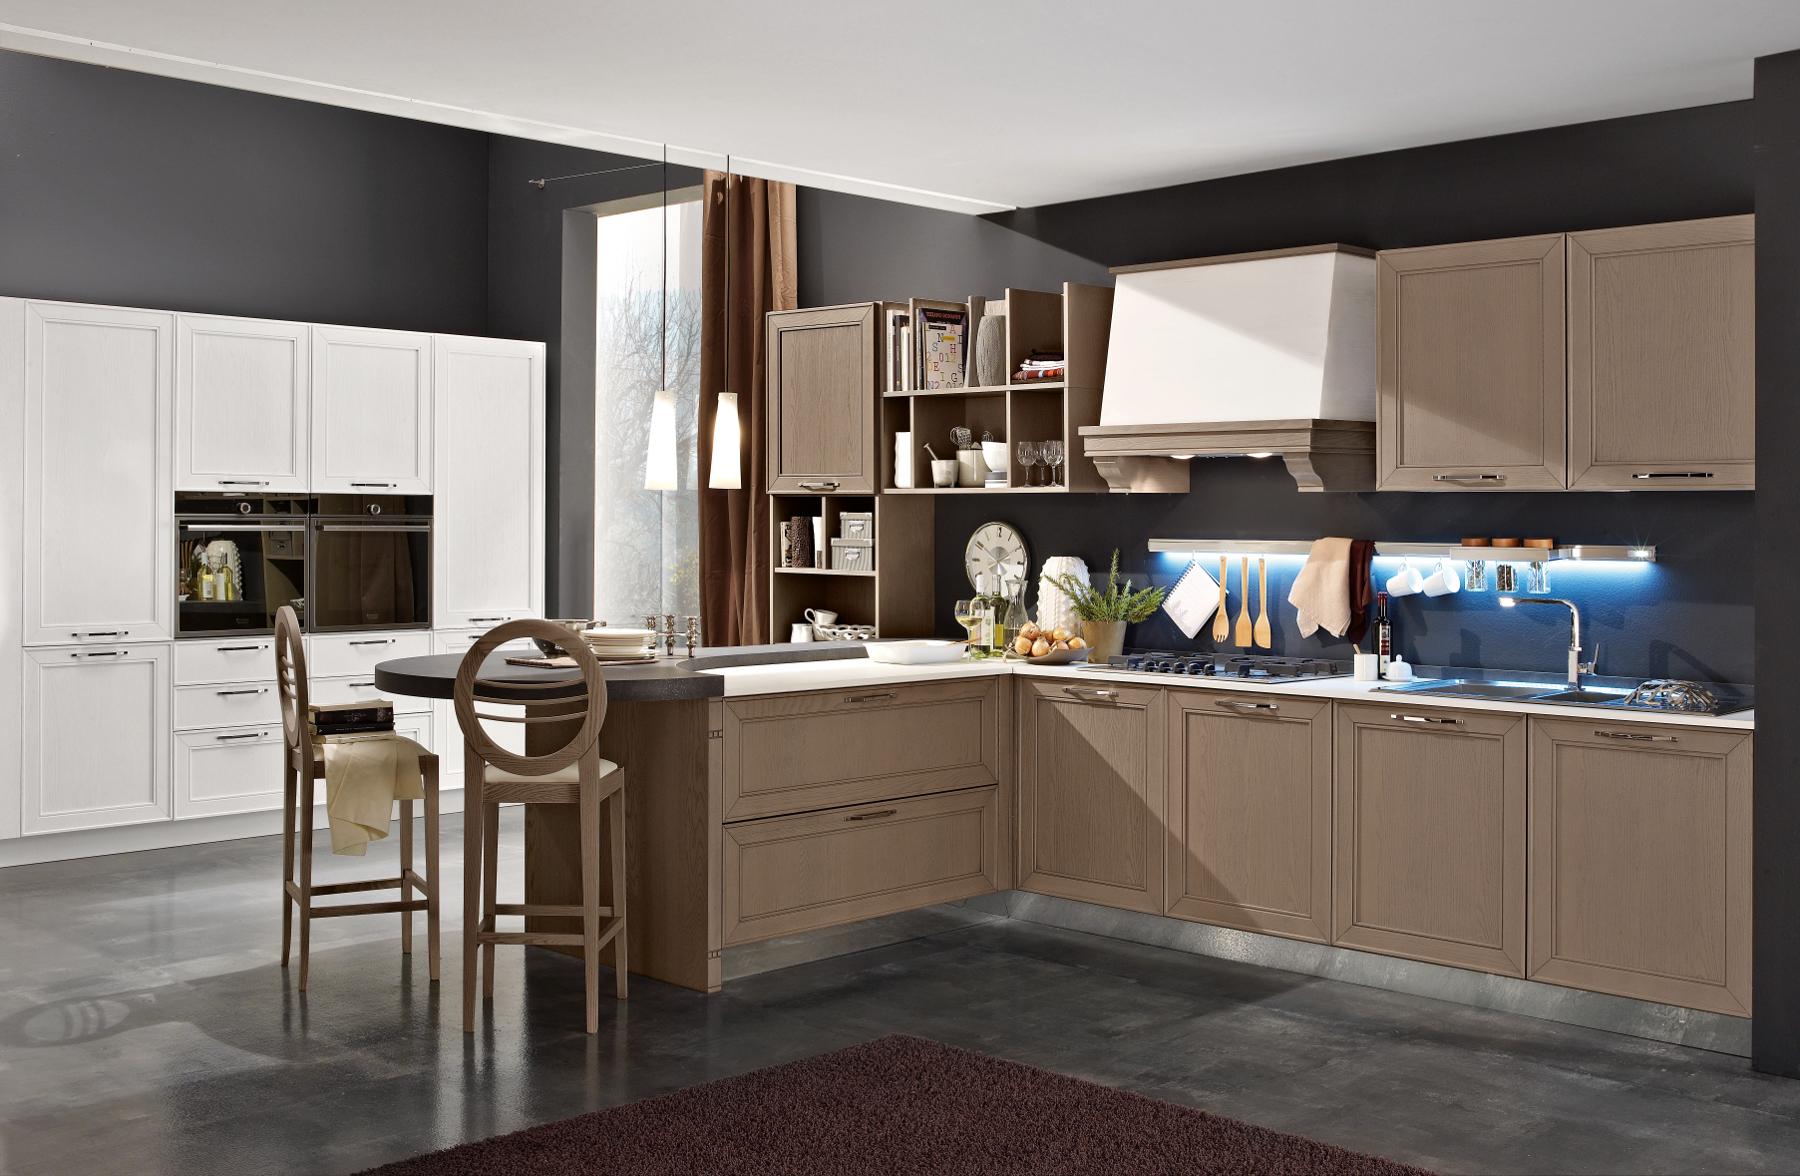 Nuovi spazi, nuove interpretazioni in cucina con Maxim di Stosa Cucine